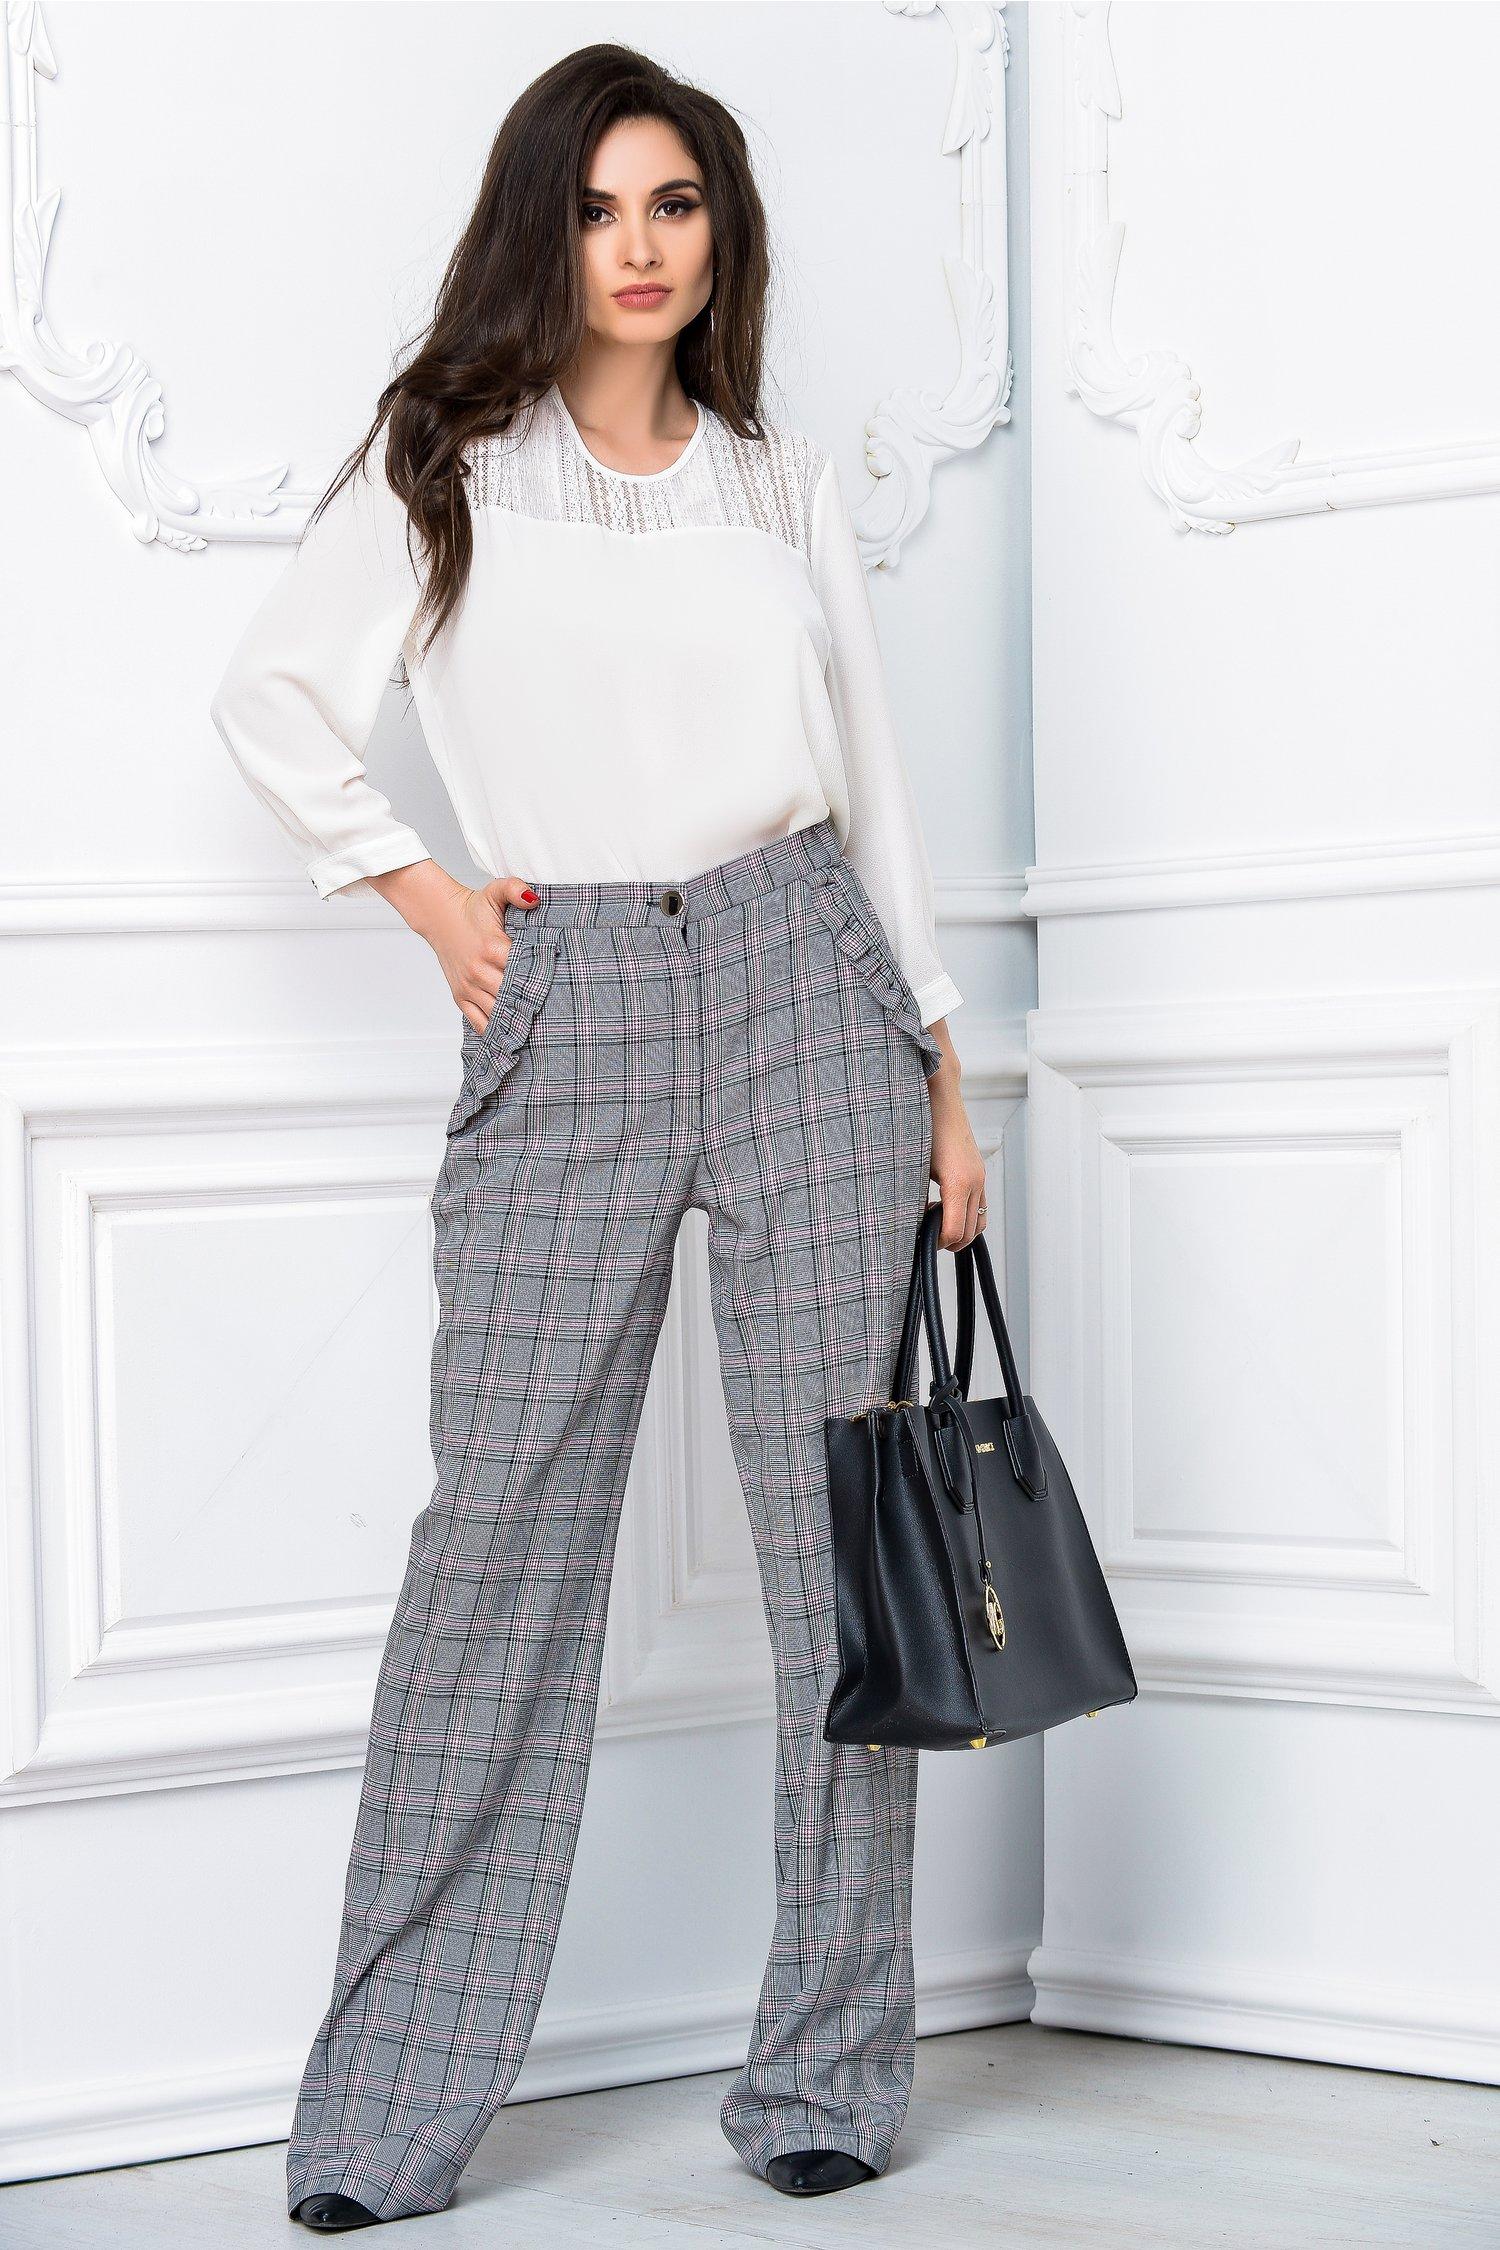 Pantalon Leonard Collection evazat gri office